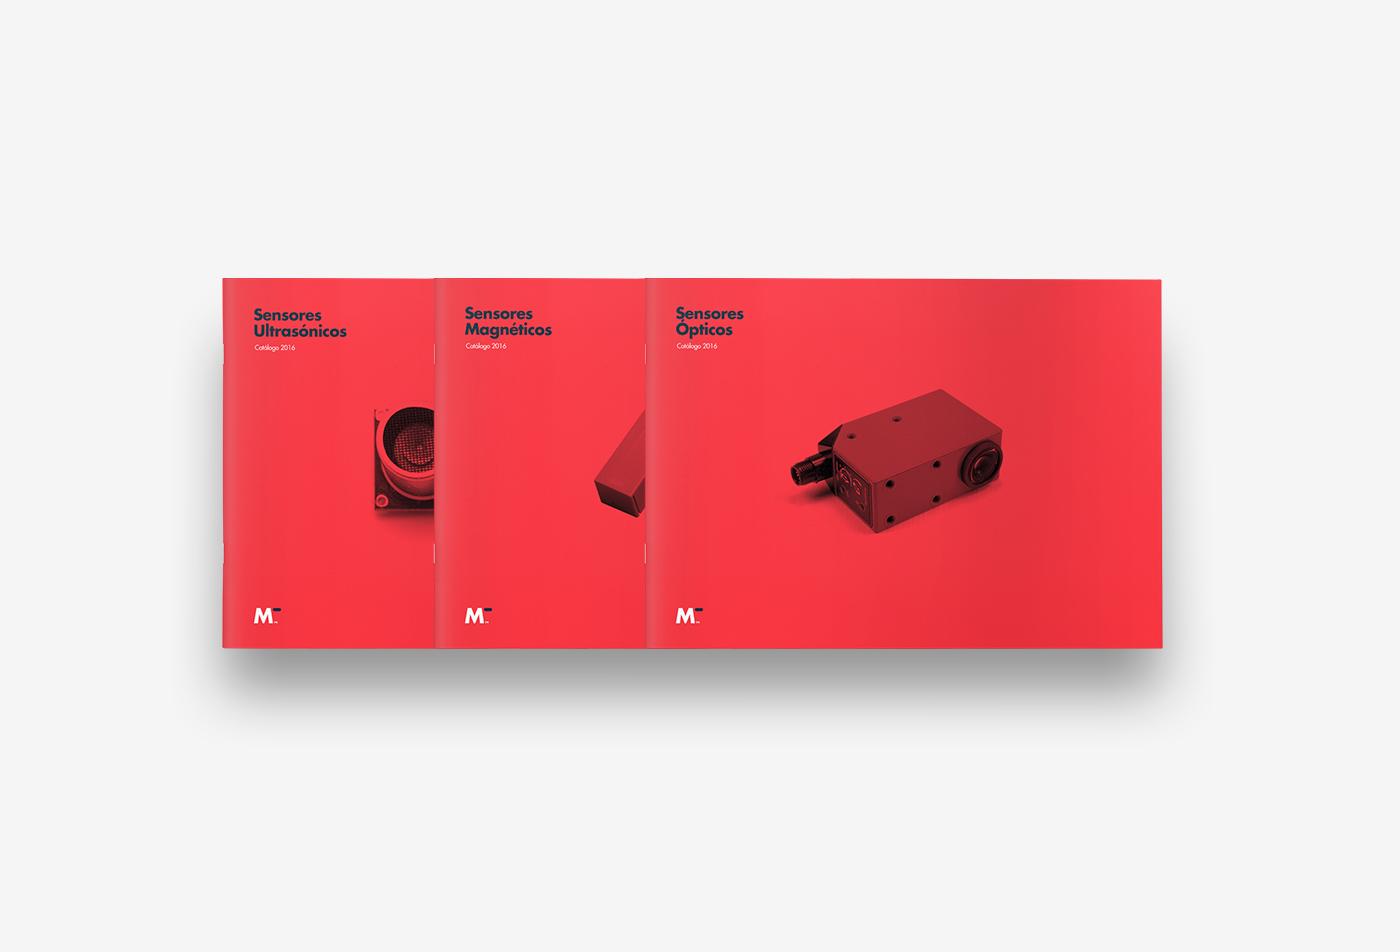 Diseño de identidad corporativa para empresa tecnológica - Diseño de catálogo Midatec - Estudio de diseño Valencia Pixelarte